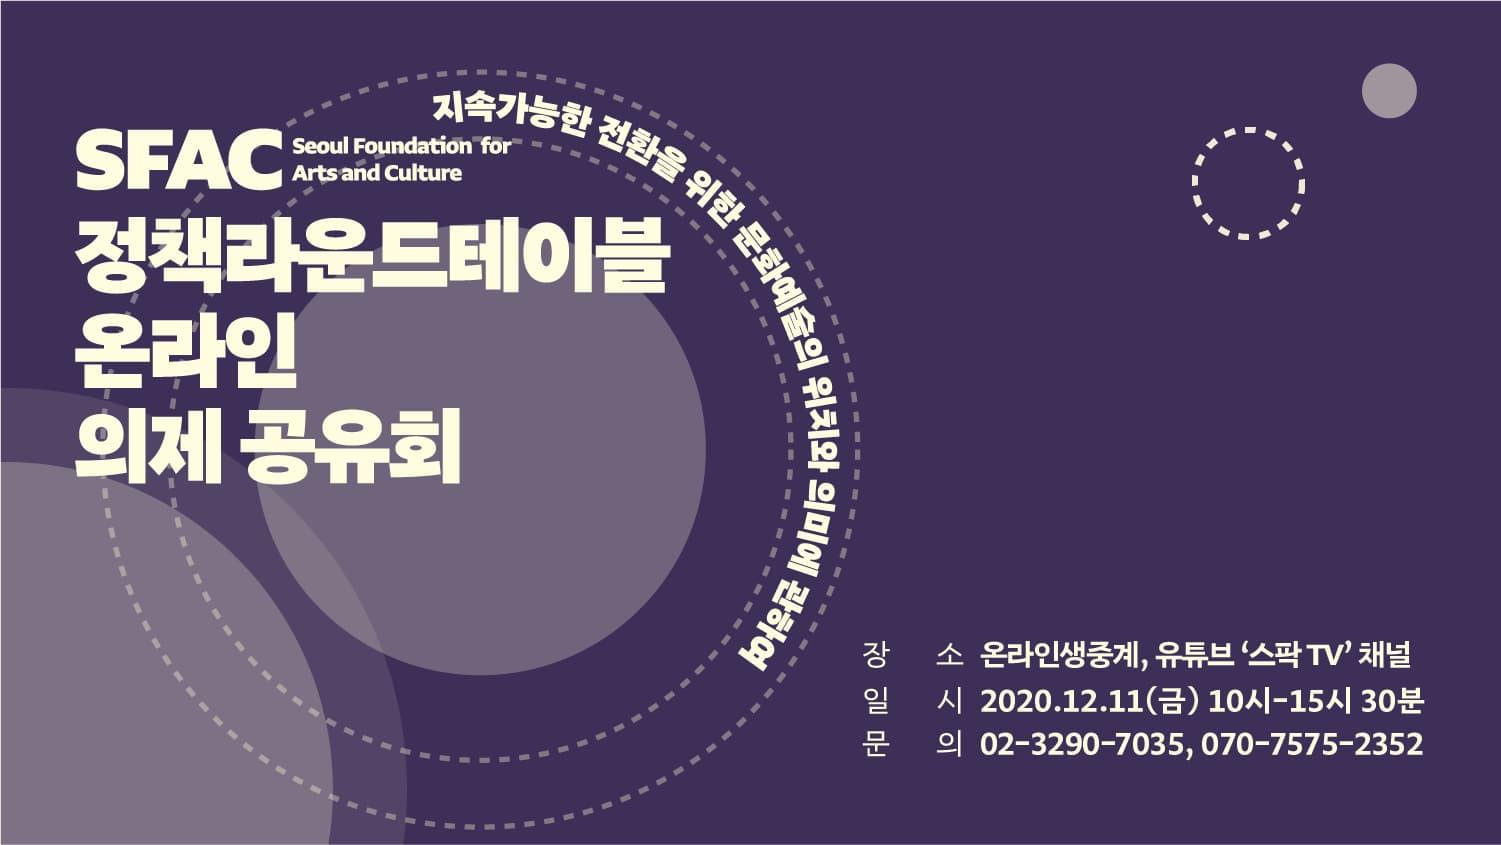 SFAC 정책라운드테이블 온라인 의제 공유회 참가자 모집 (~12/10)